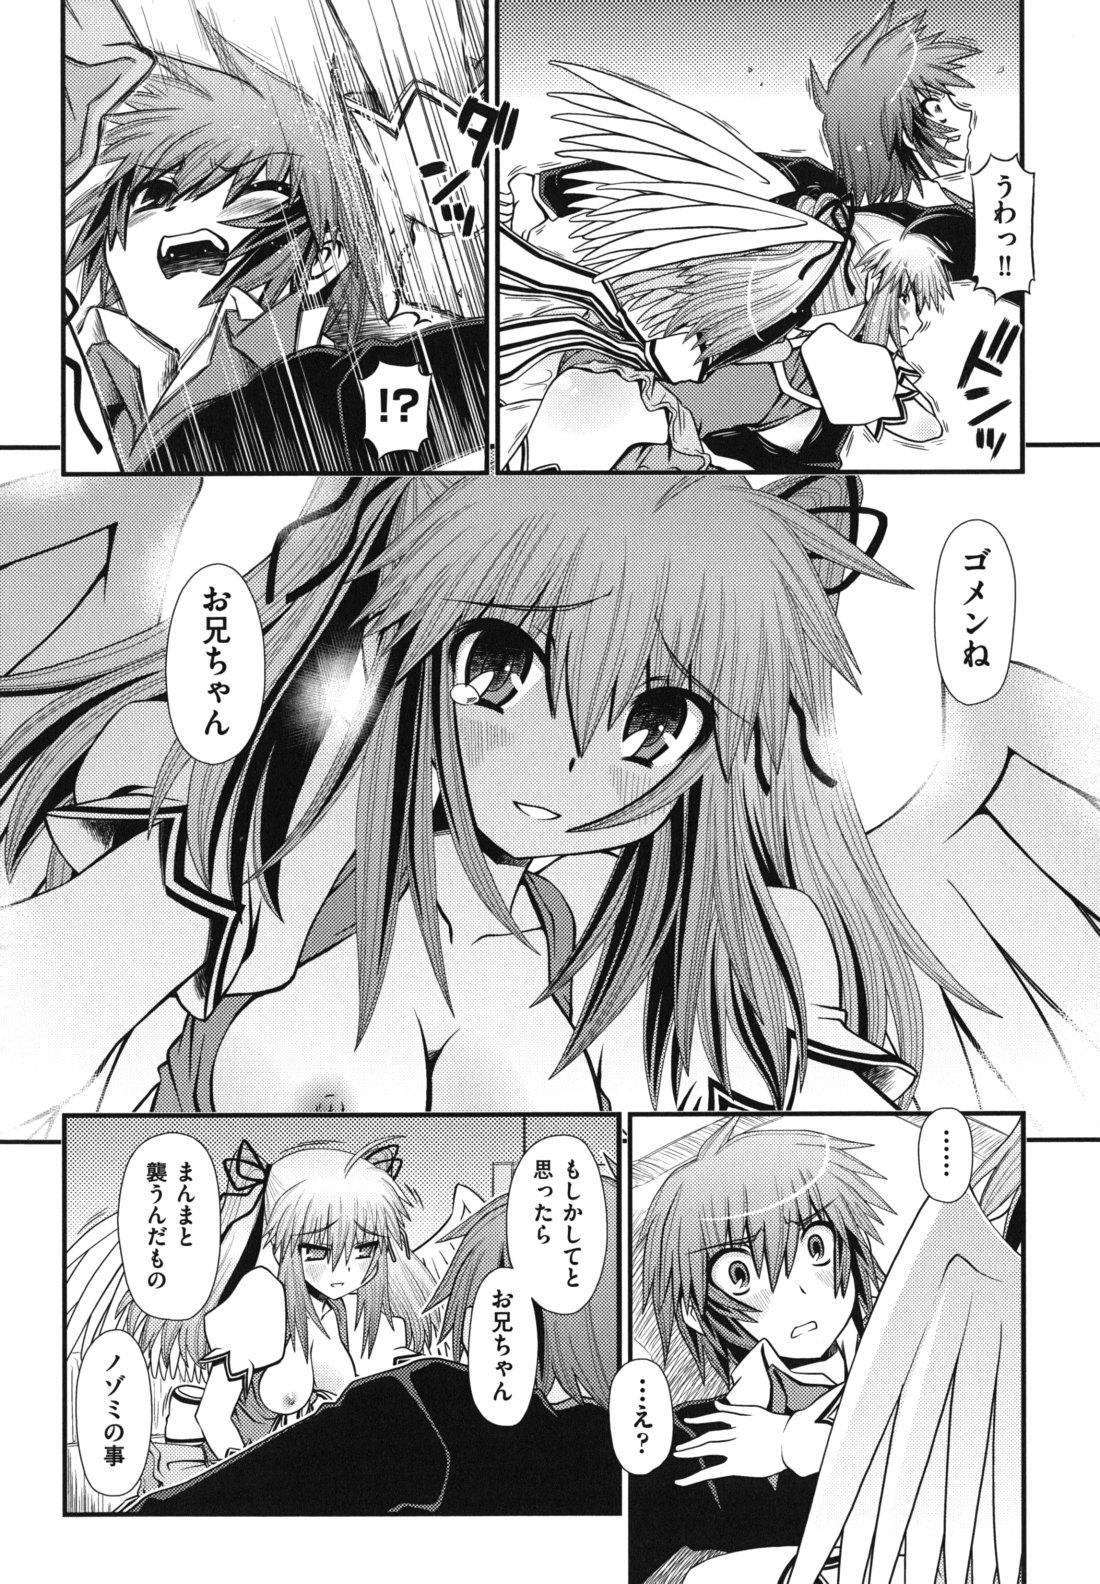 Twintail de Kneesocks no Onnanoko tachi ga Kyakkya de Ufufu♥ 40